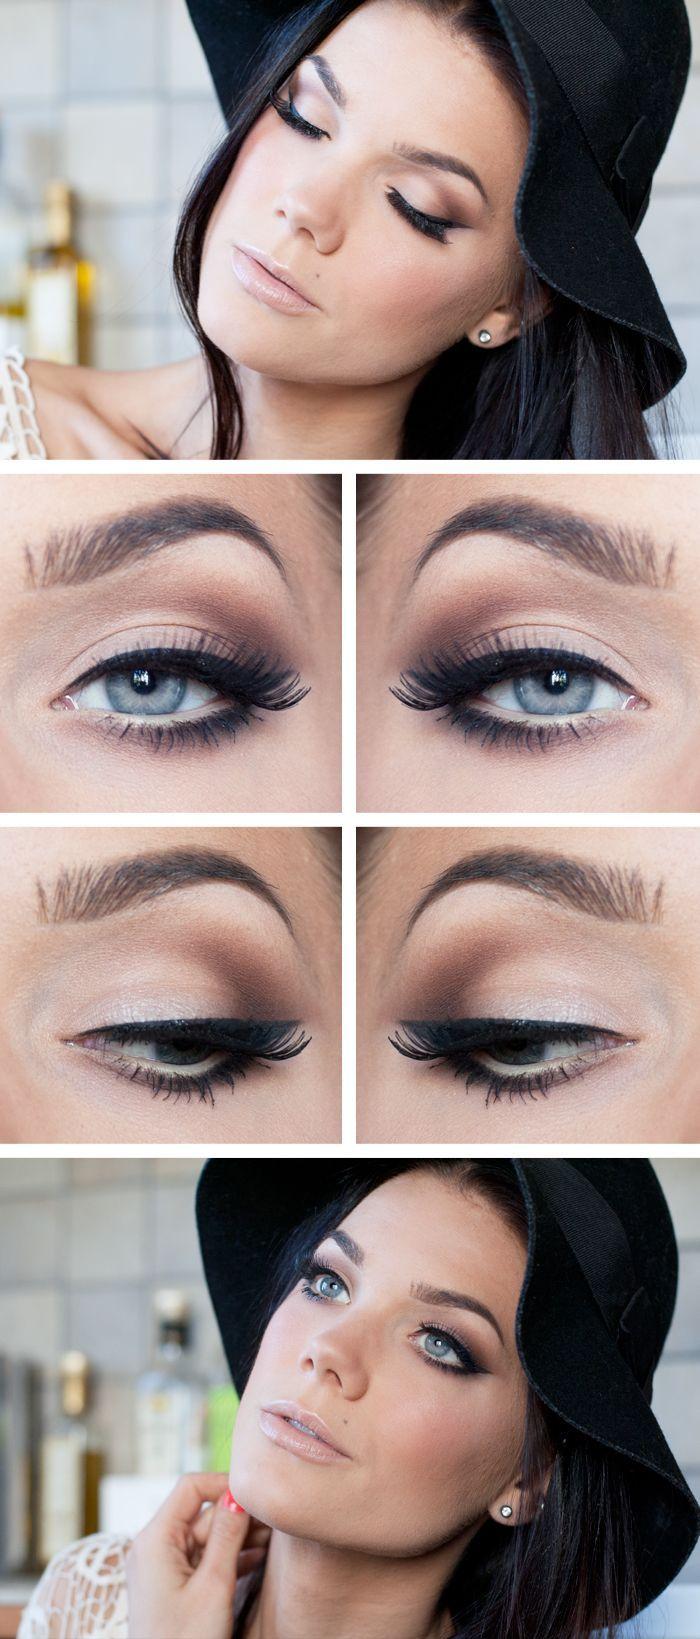 Si quieres que tus ojos se vuelvan más profundos, nada mejor que un maquillaje con pestañas postizas. ¡Copia e inspírate gracias a estas ideas!